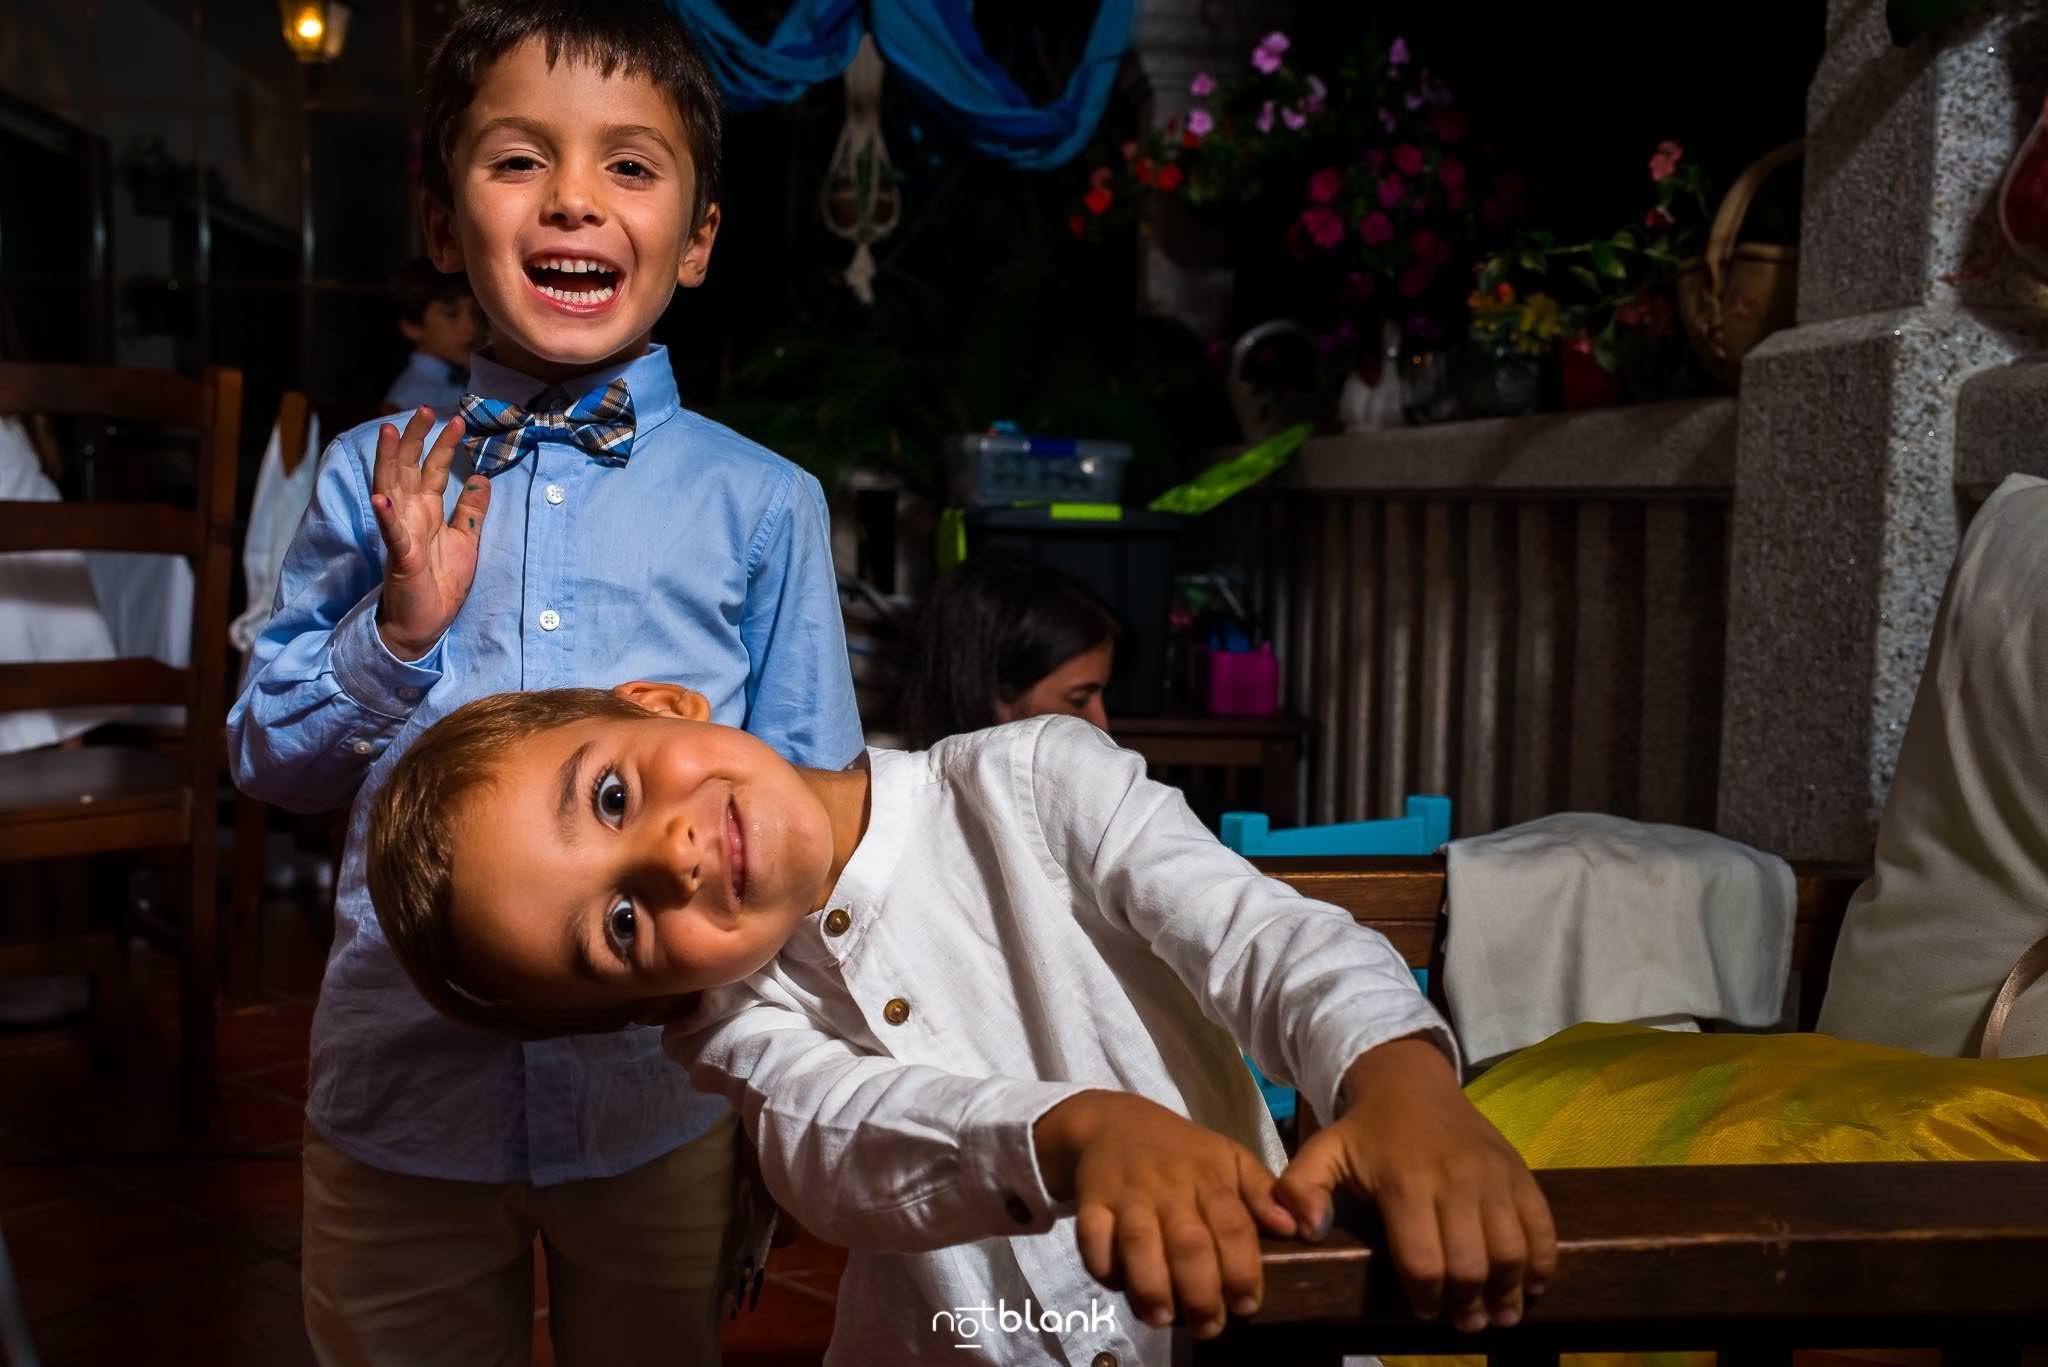 Boda En El Jardin De Casa Jana y Fran - Dos niños miran para camara sonriendo - Notblank Fotografos de boda